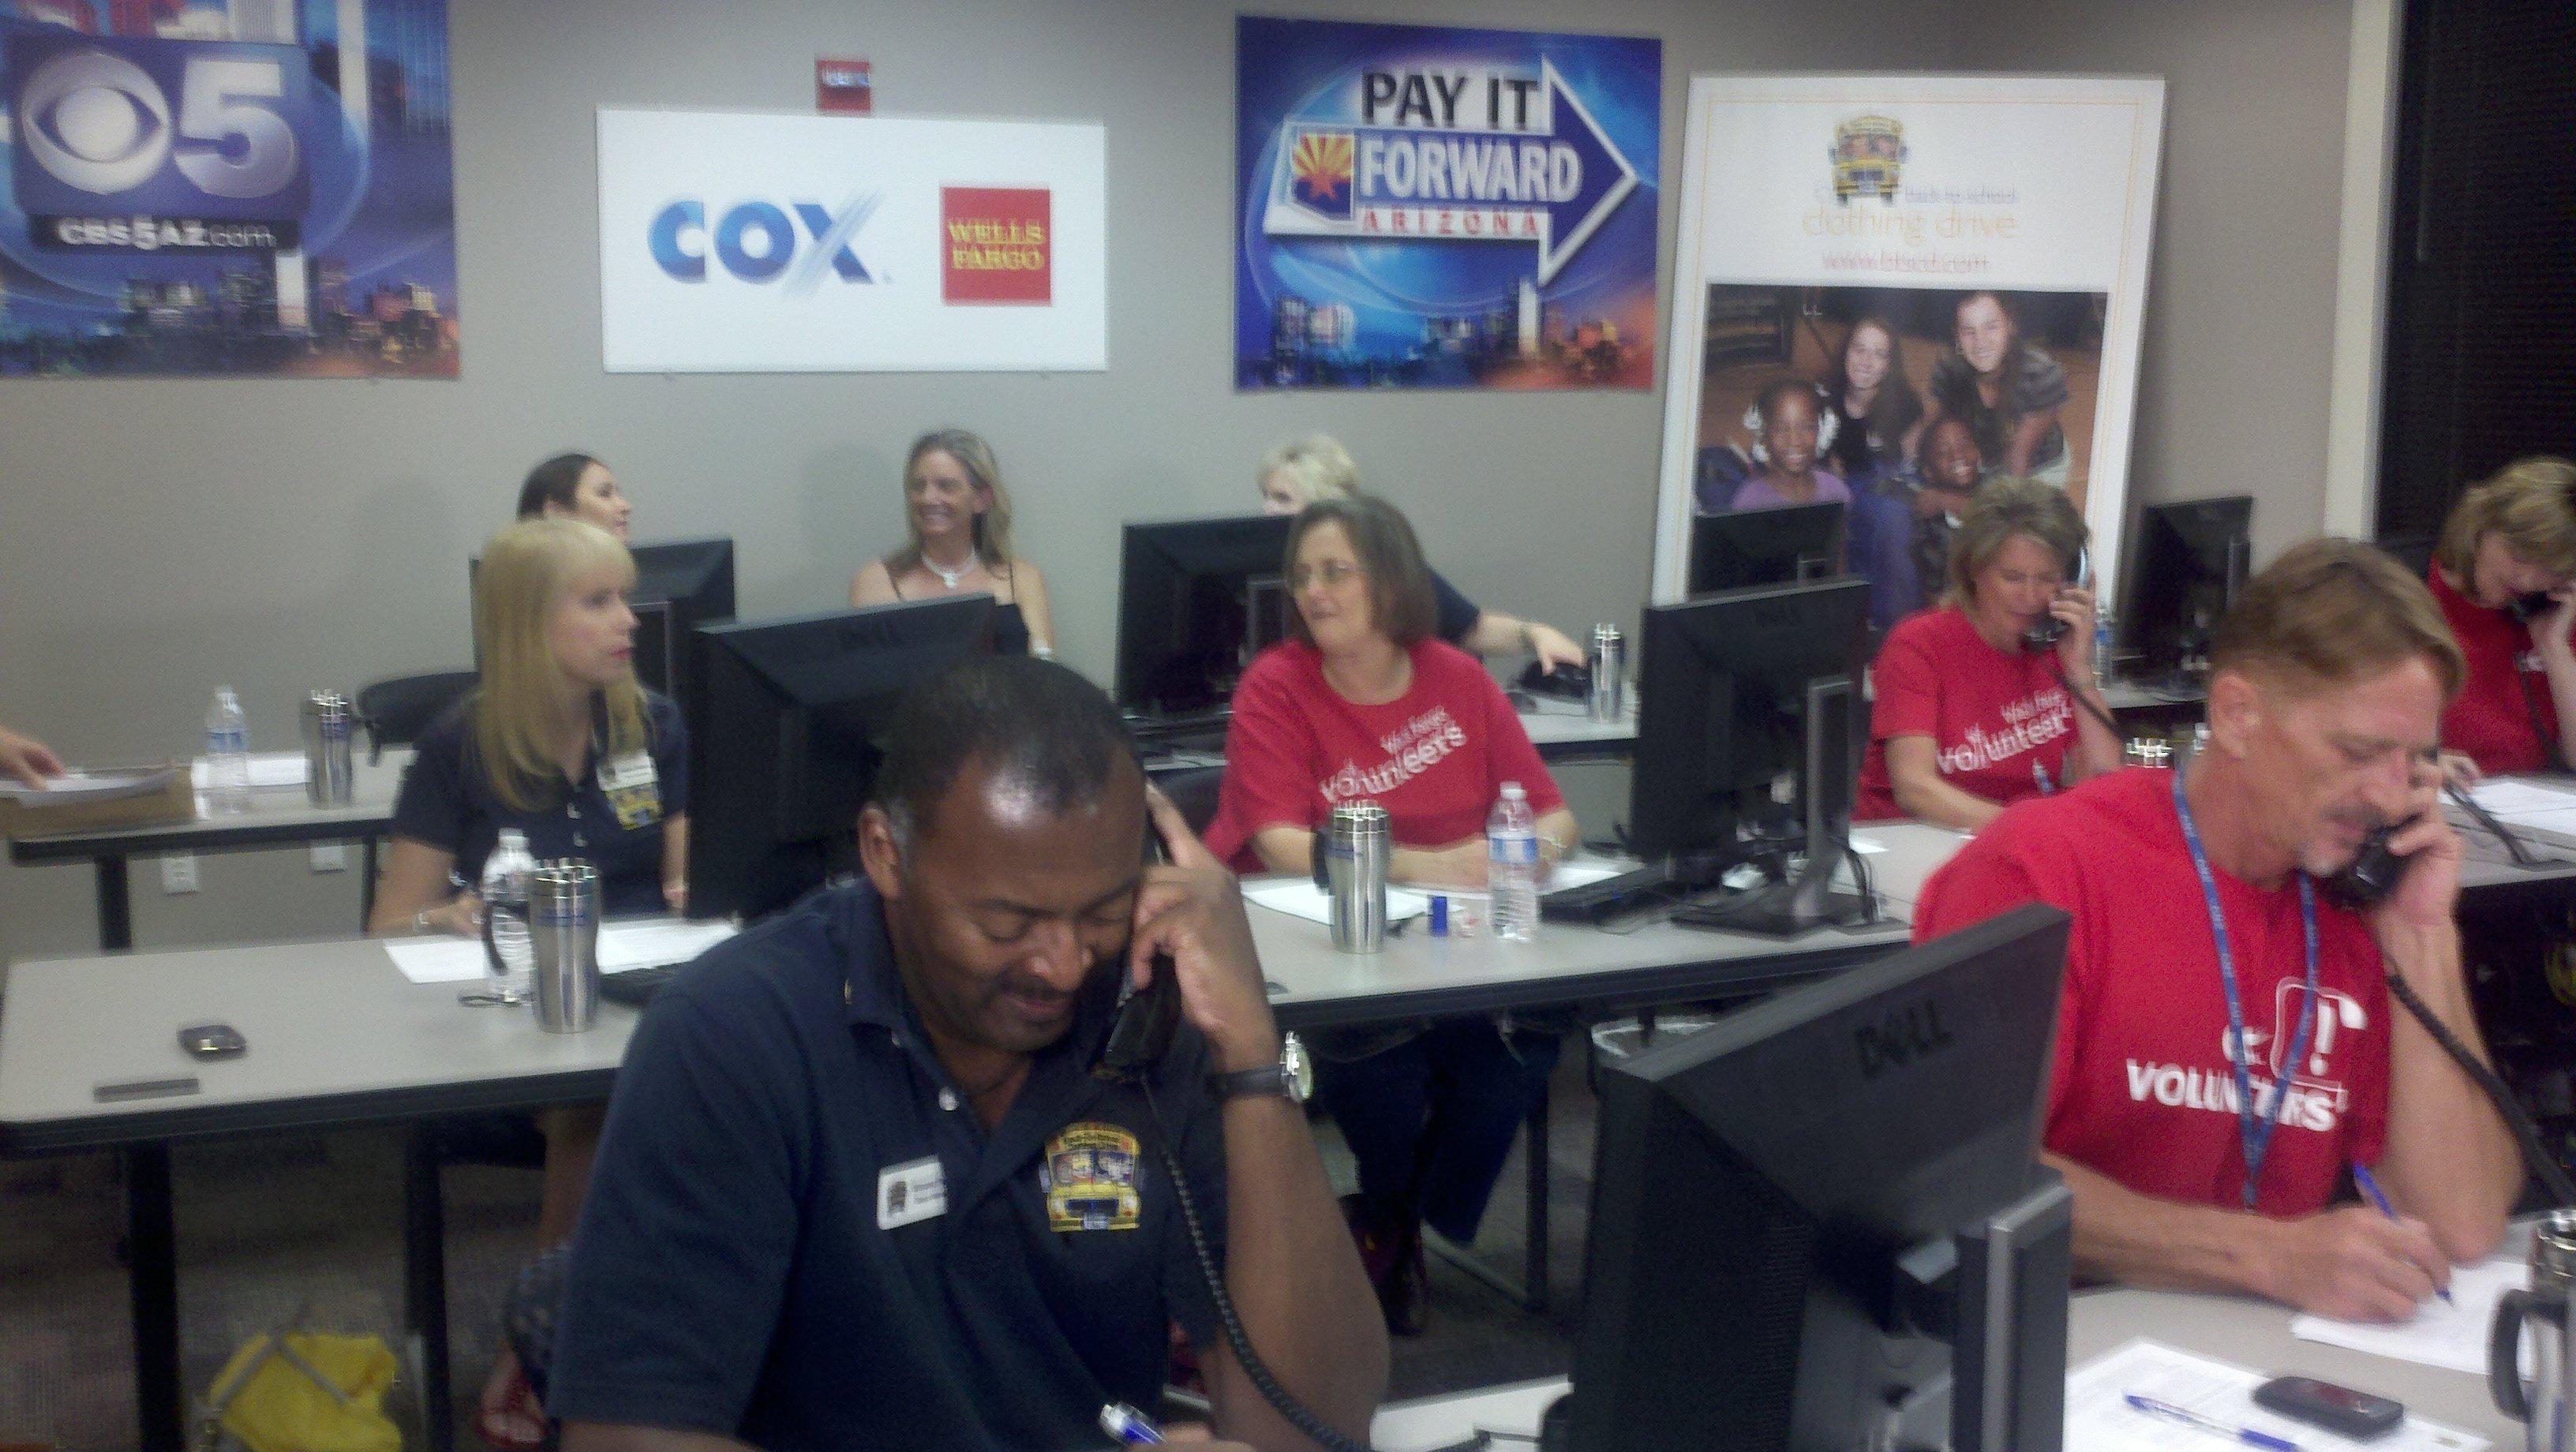 Volunteers answering phones on Friday.